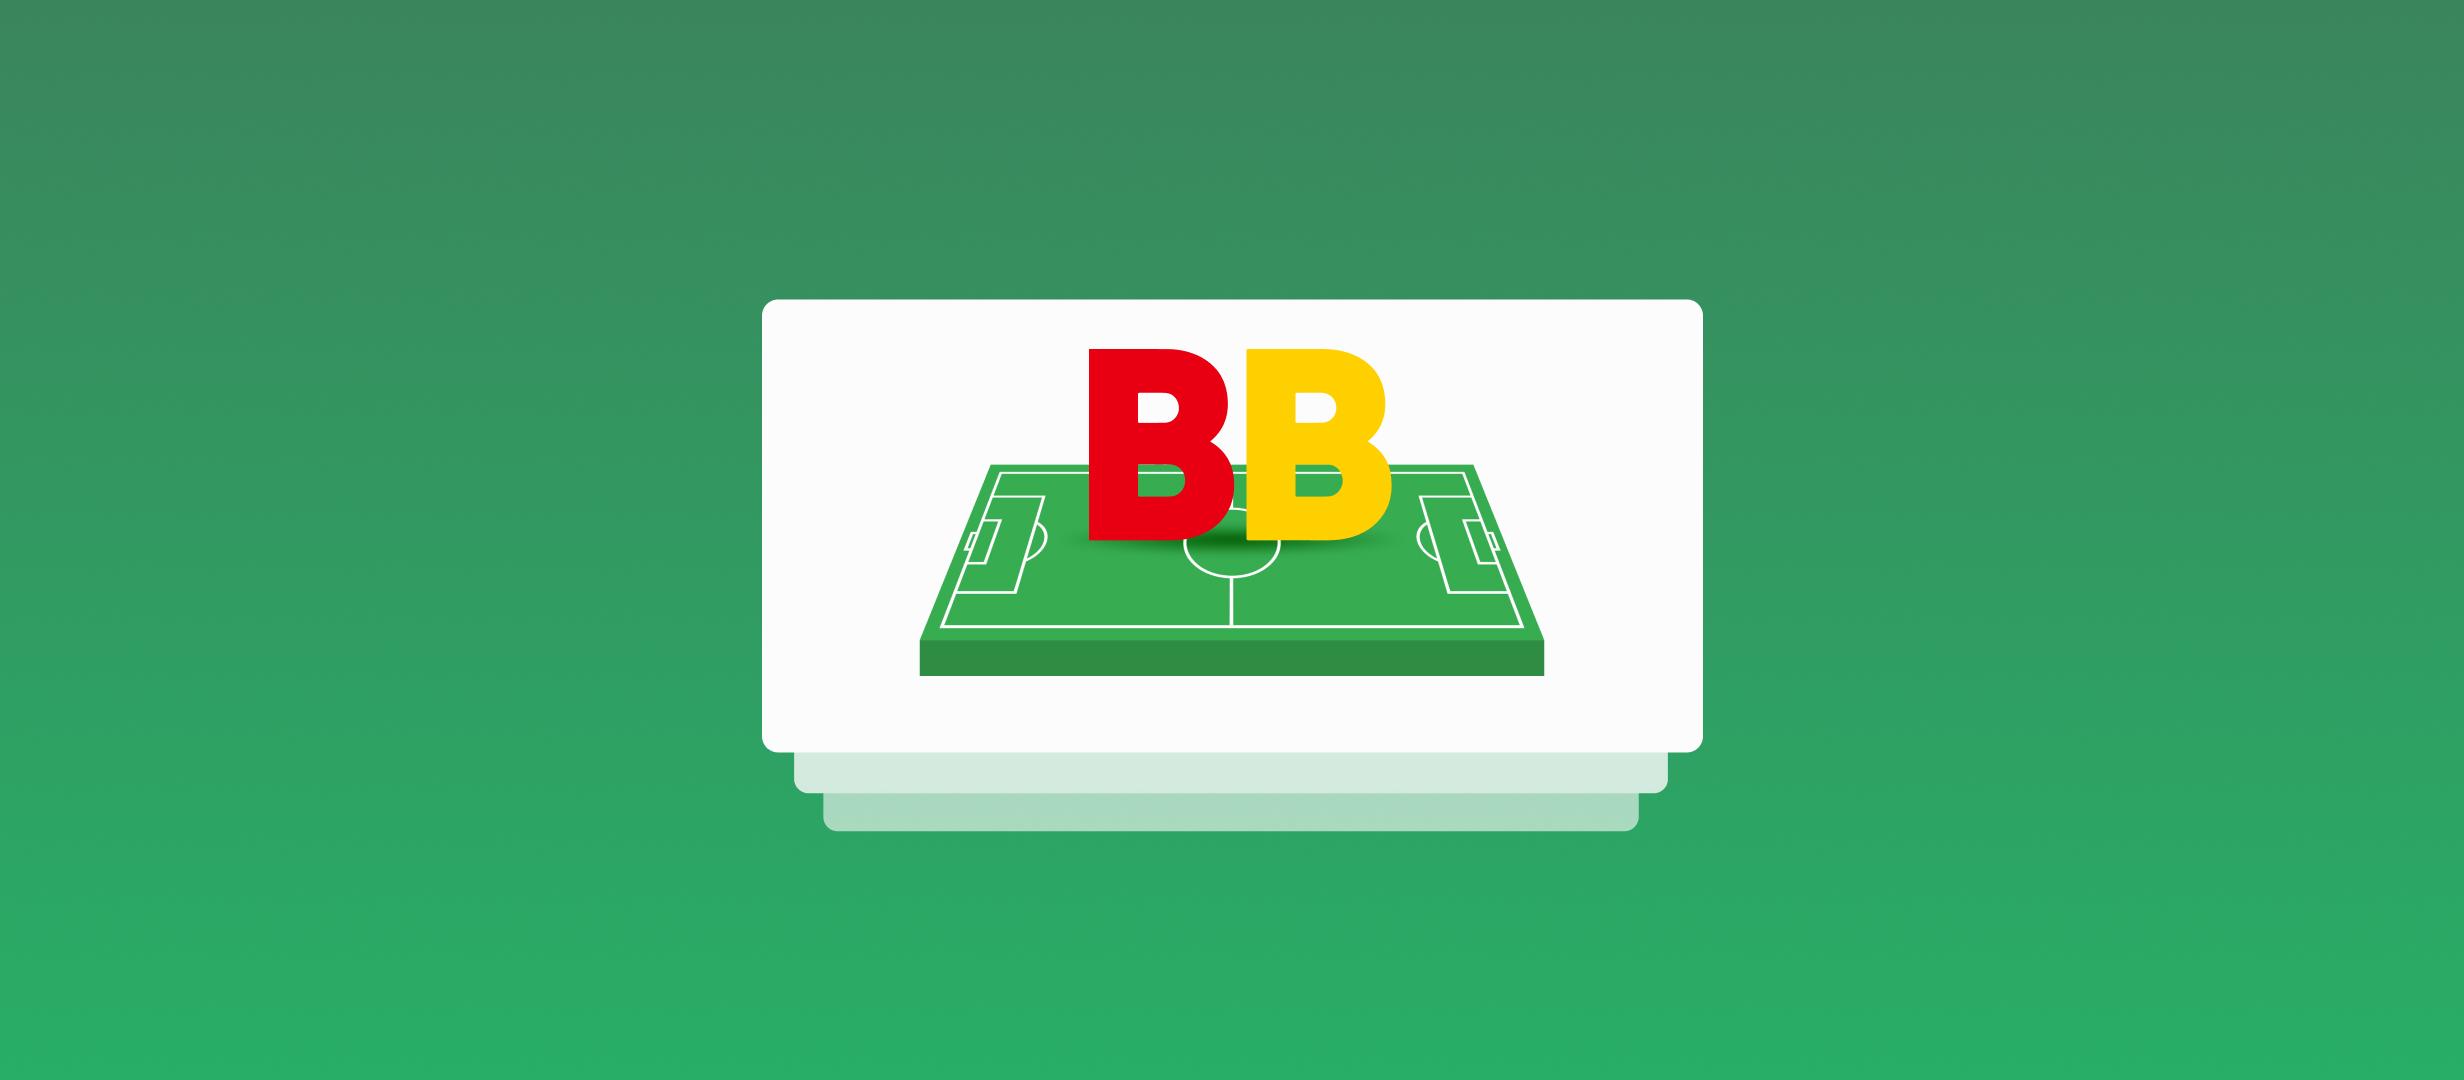 БК BetBoom вошла в нейминг стадиона «Уфы»